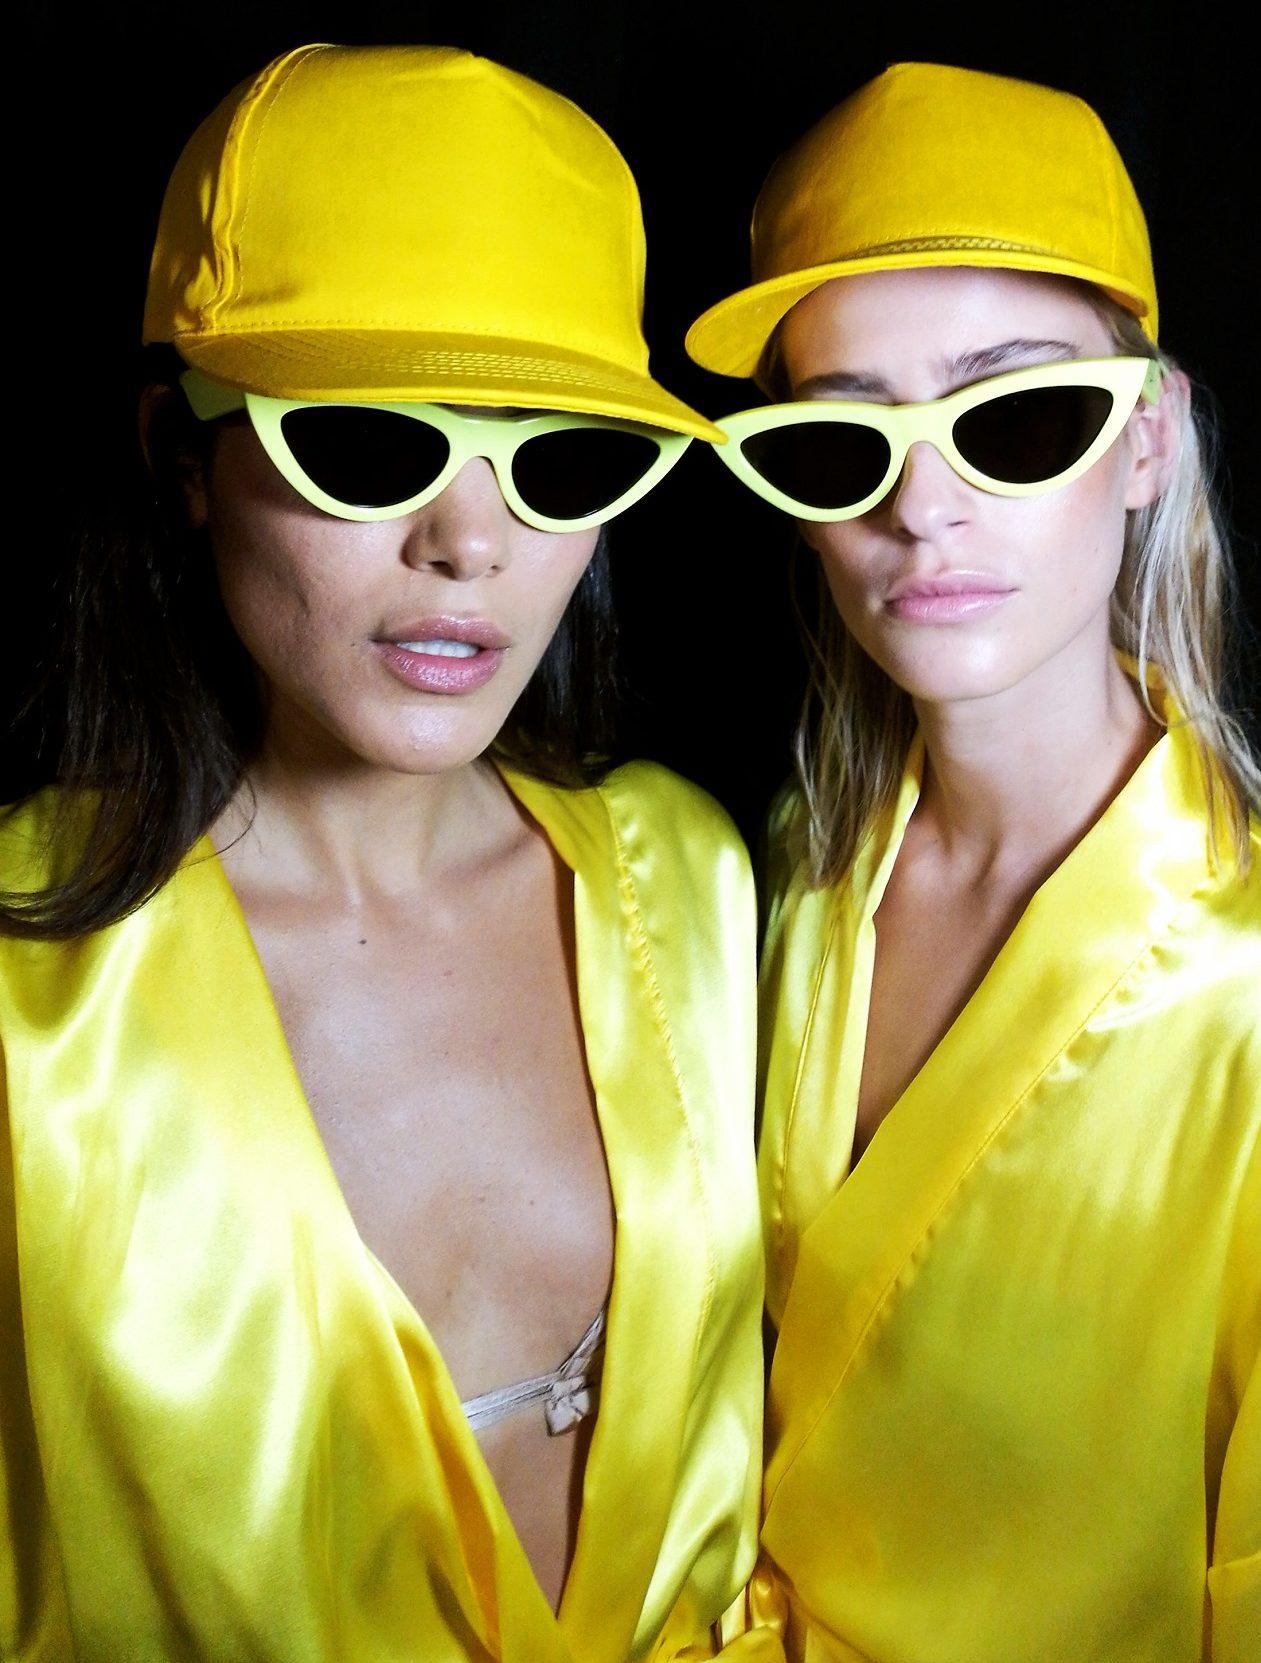 תצוגת בננהוט עם משקפי שמש סלין של אירוקה צילום עידו איזק